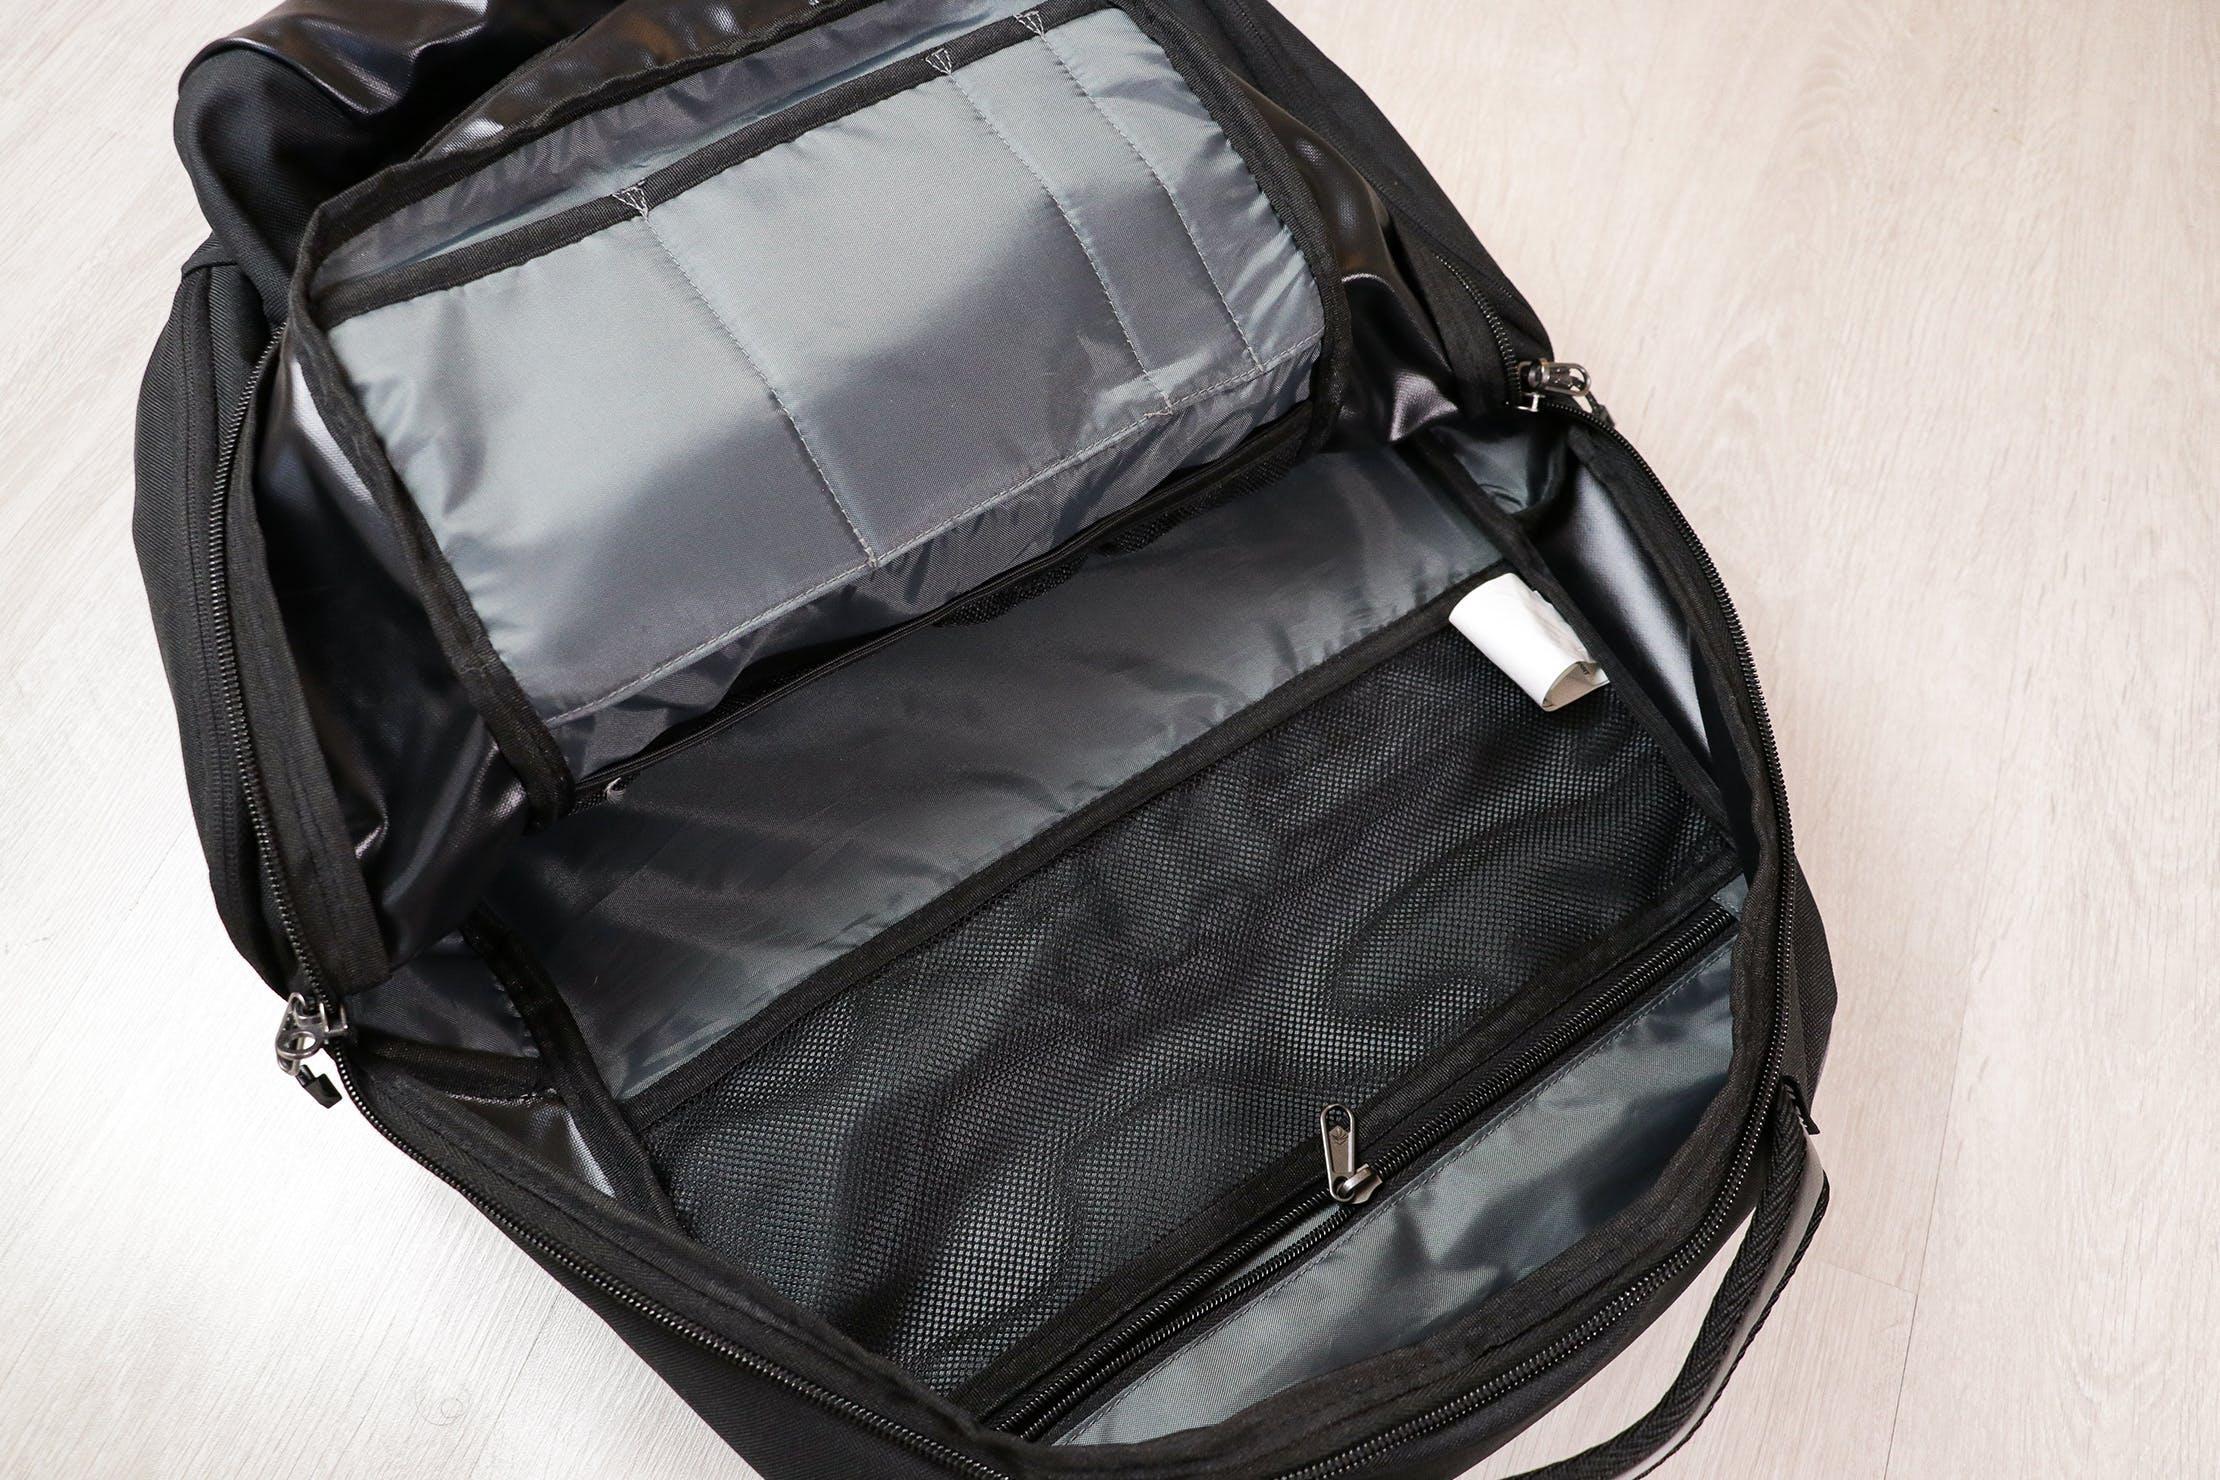 Eagle Creek Wayfinder Backpack 40L Internal Organization